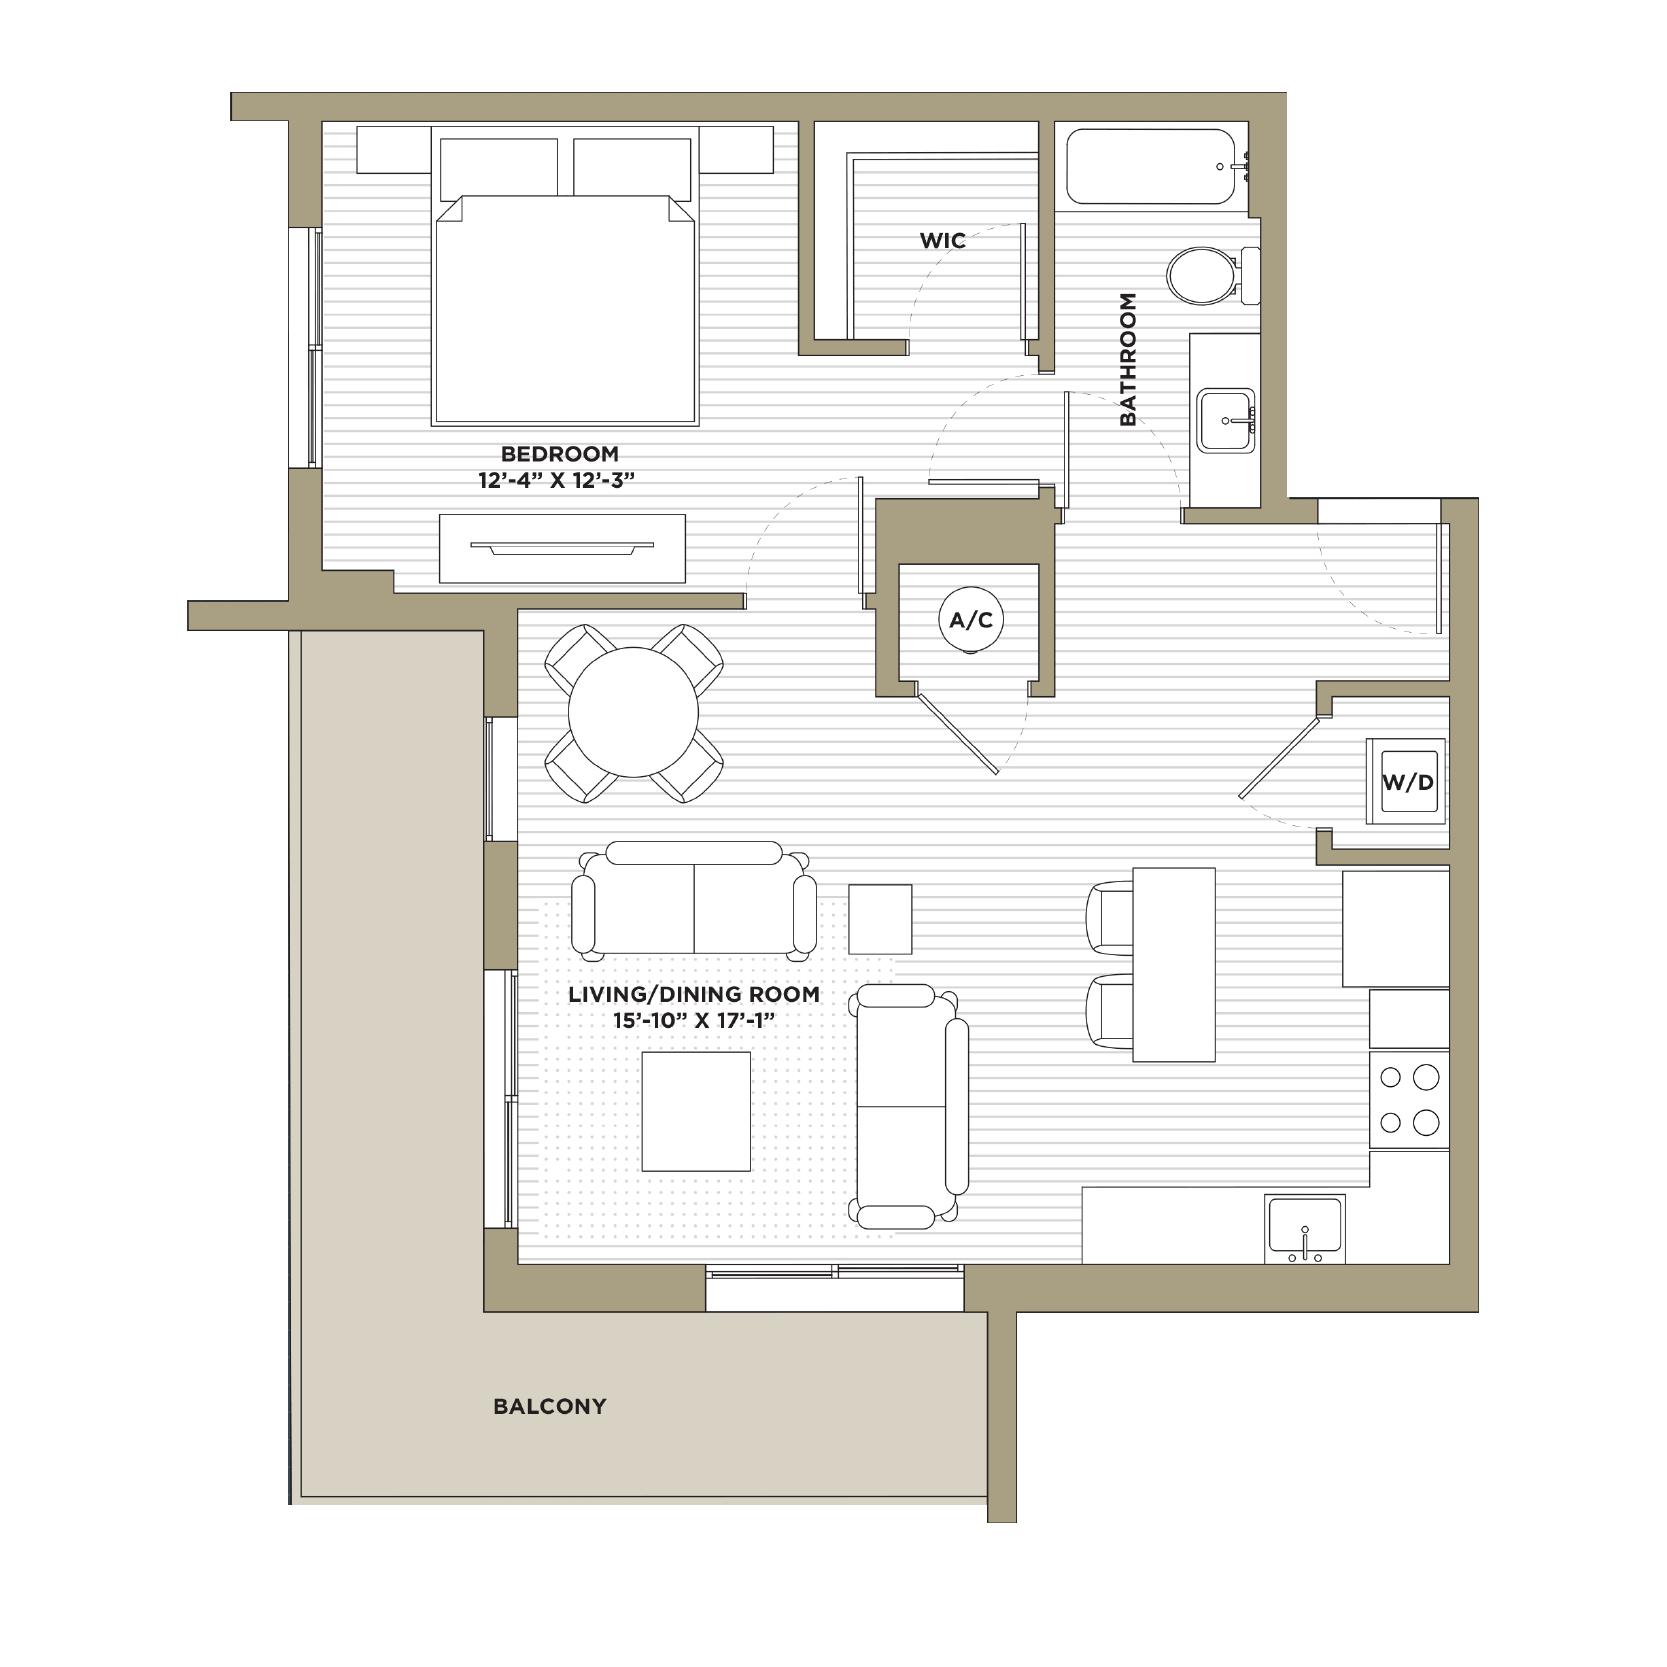 A6 - 1 Bedroom / 1 Bathroom814 sq. ft.